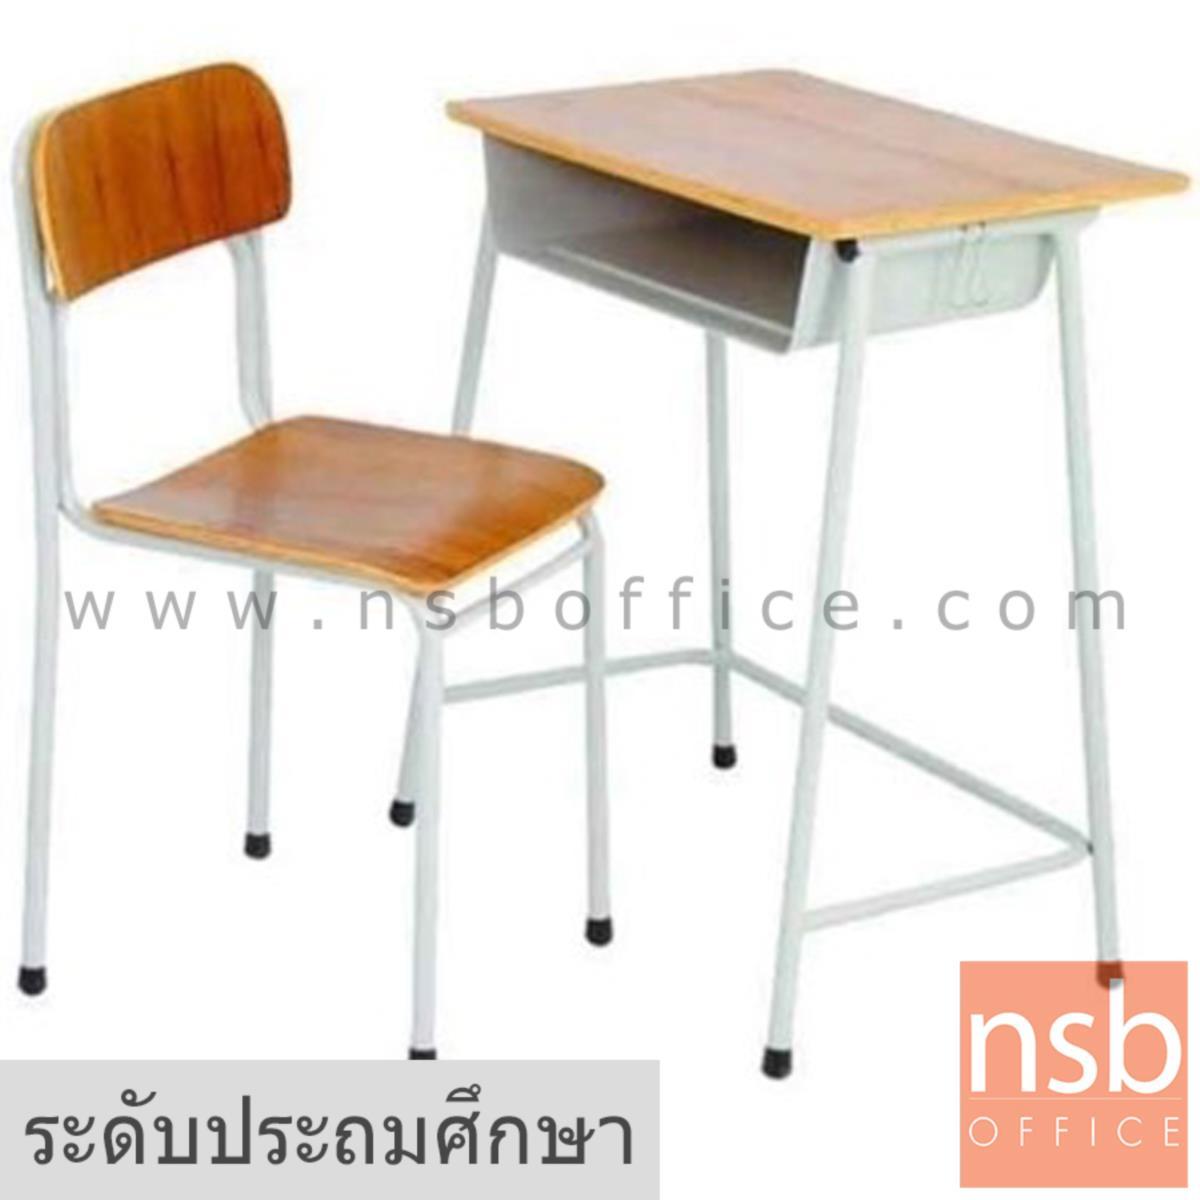 A17A069:ชุดโต๊ะและเก้าอี้นักเรียน สปช. รุ่น MONTANA (มอนตานา)  ระดับประถมศึกษา